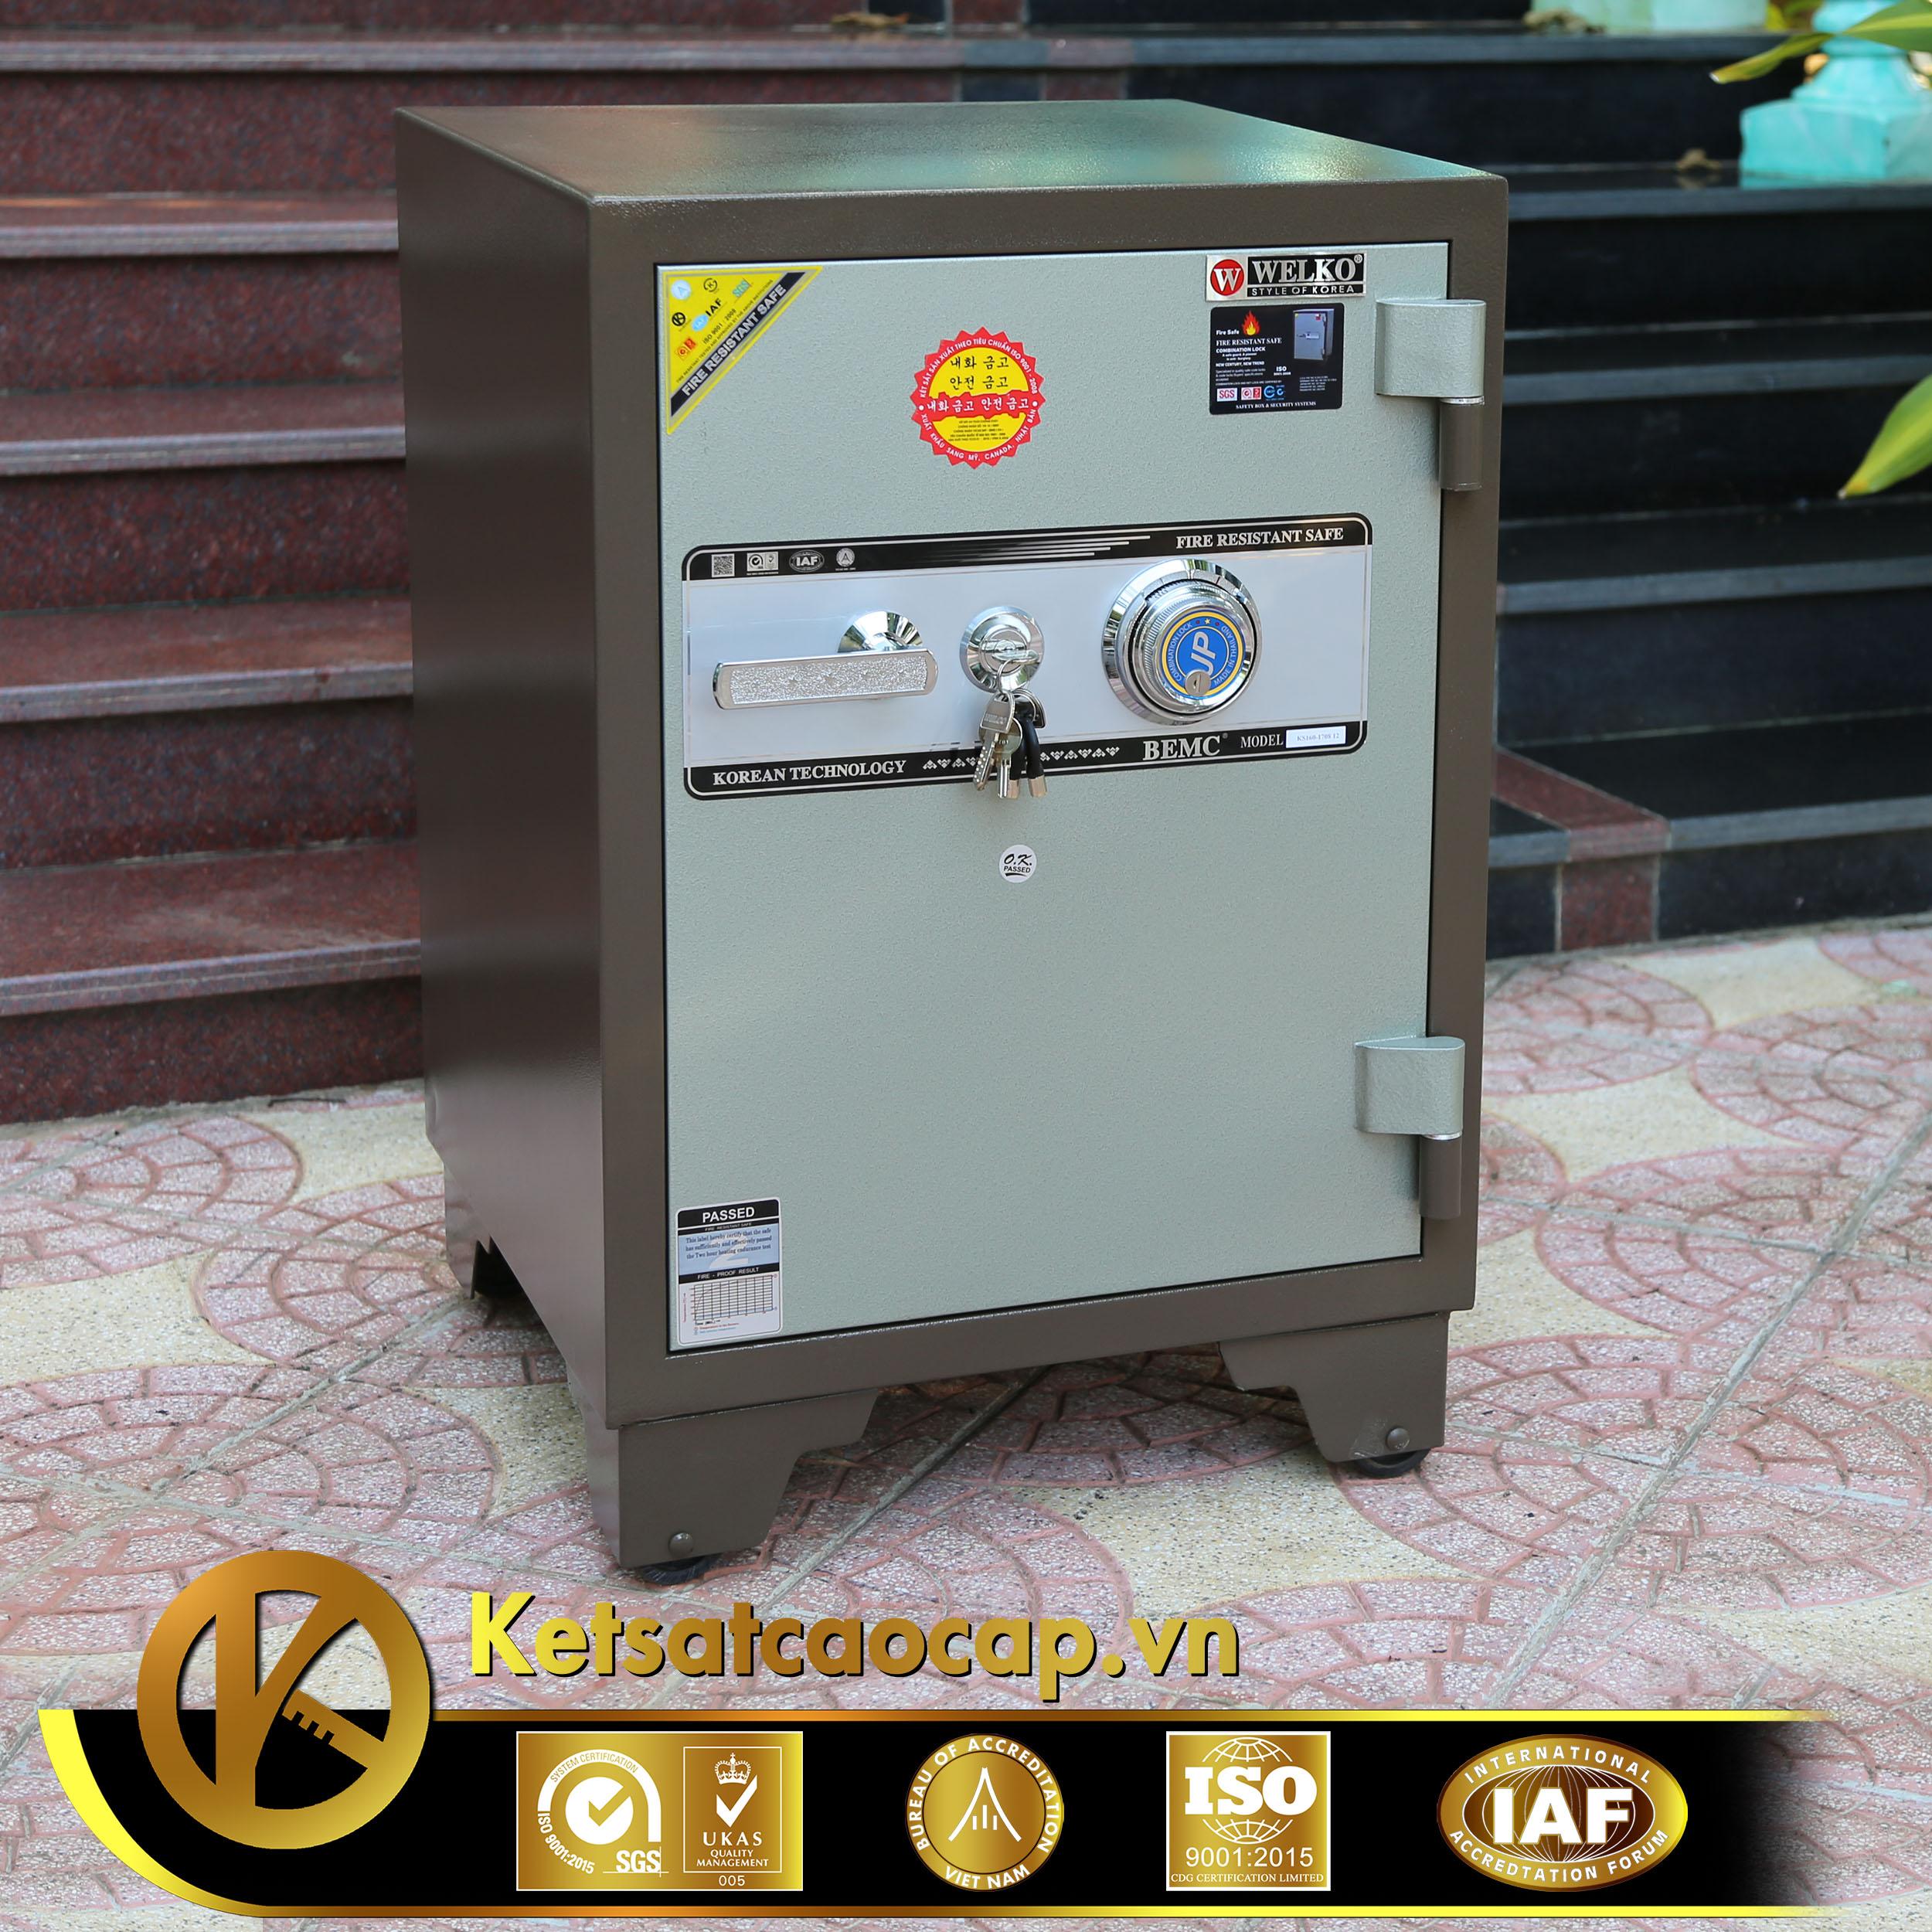 két sắt công ty thiết bị vật tư ngân hàng